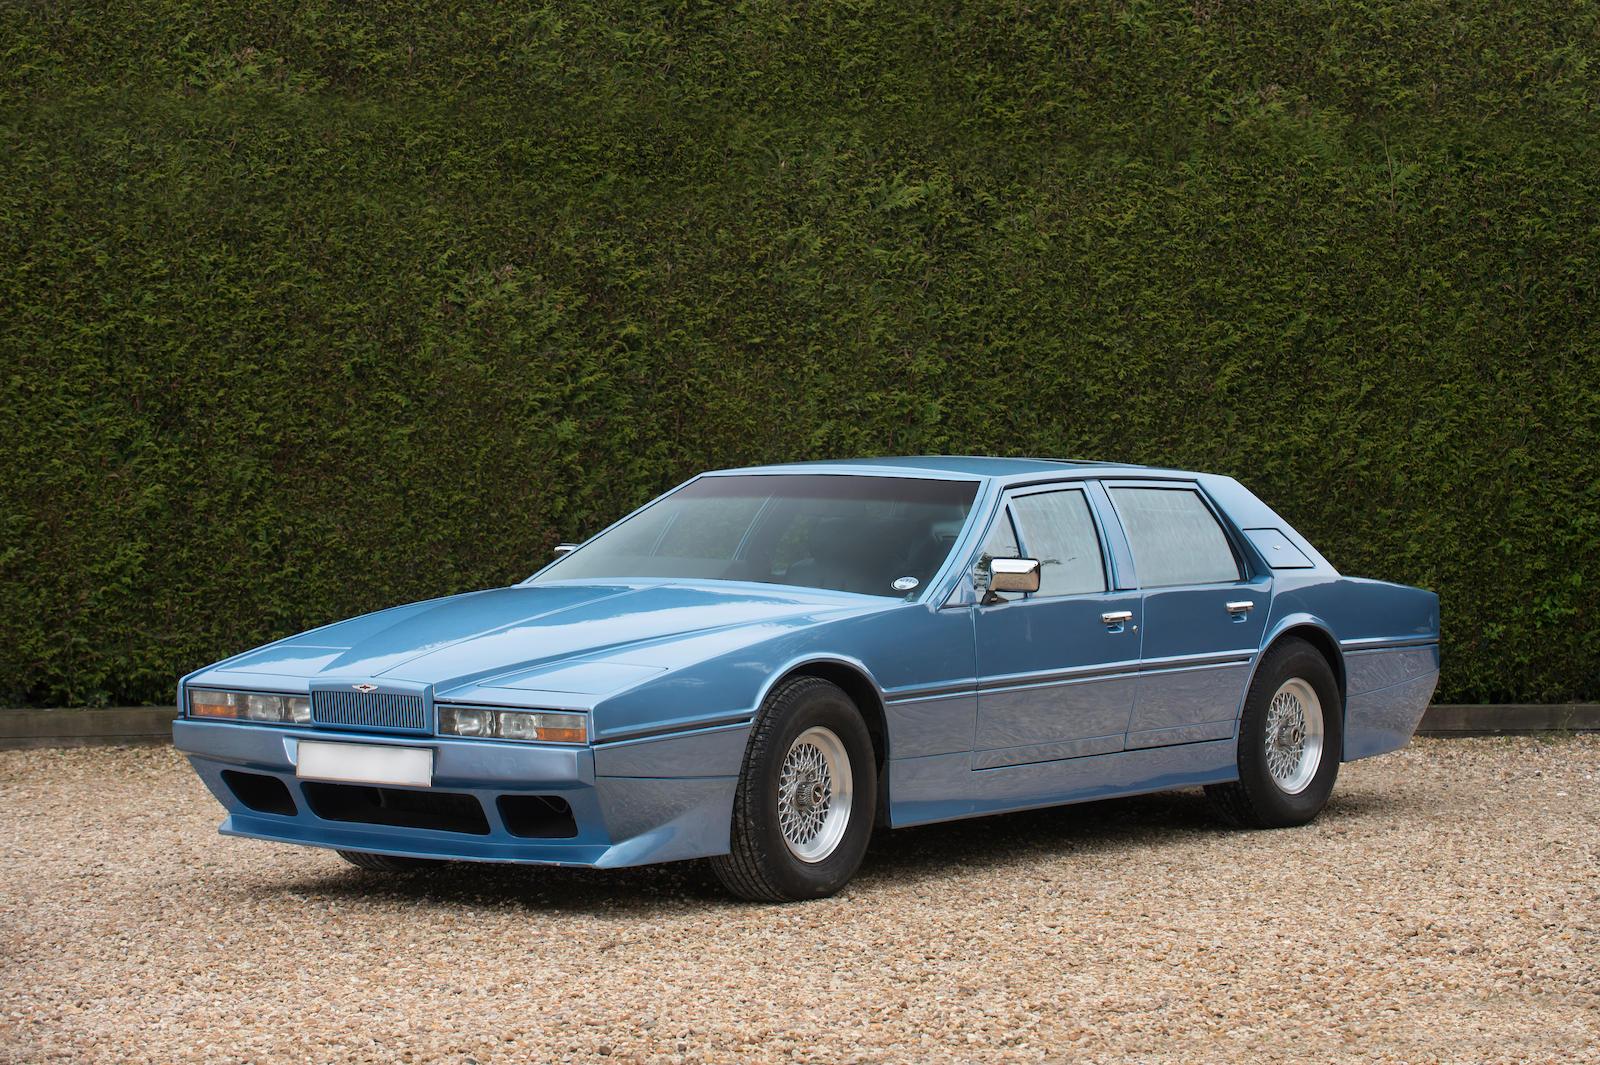 Aston Martin Lagonda Series 2 1980 Sprzedany Giełda